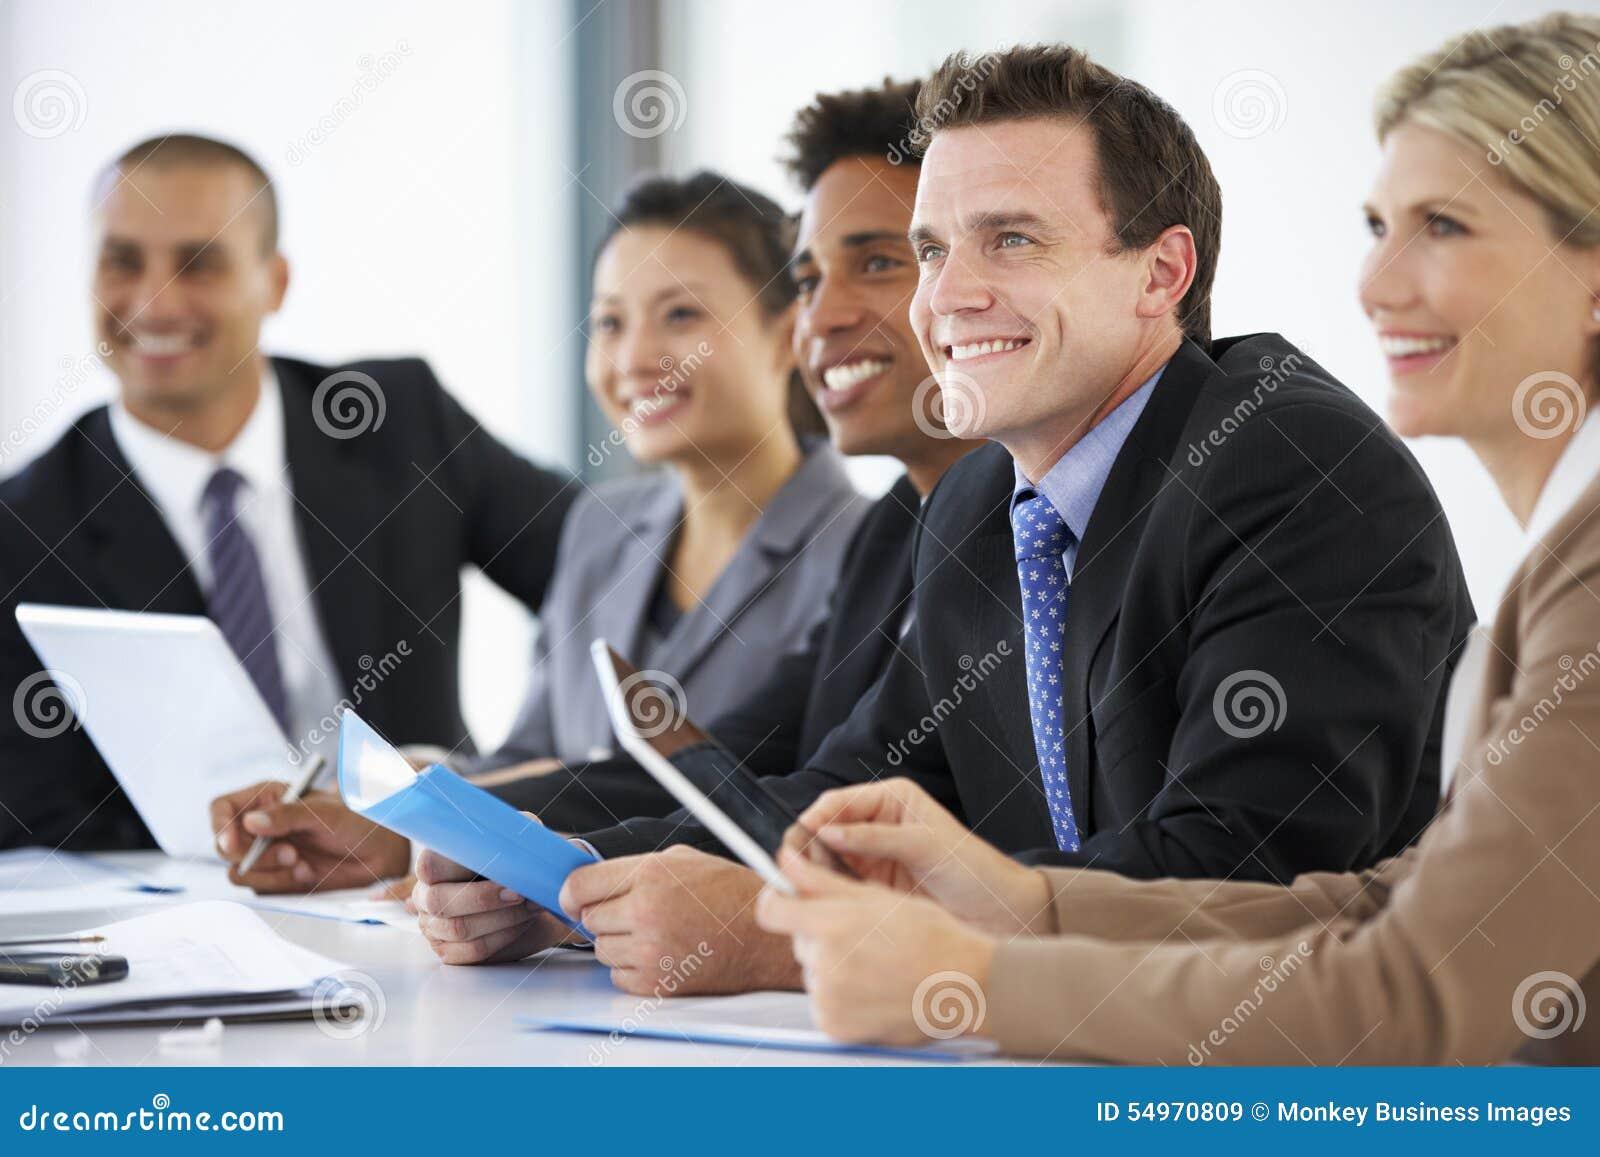 Gruppe Geschäftsleute, die auf den Kollegen spricht zu Büro-Versammlung hören